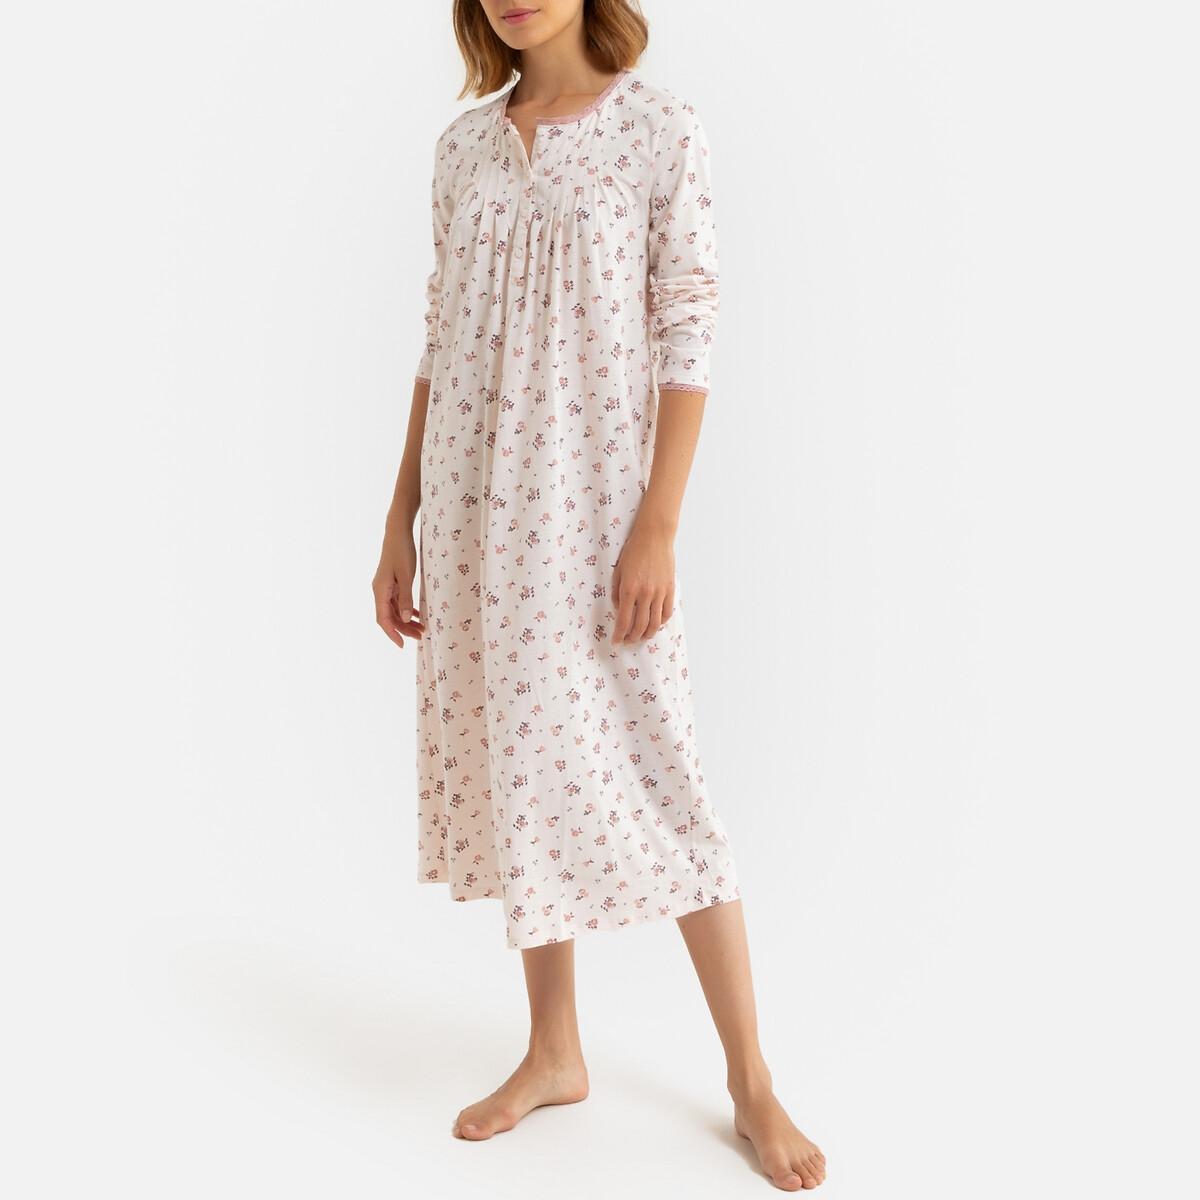 Ночная La Redoute Рубашка длинная из трикотажа вставка из макраме 34/36 (FR) - 40/42 (RUS) разноцветный рубашка ночная с макраме